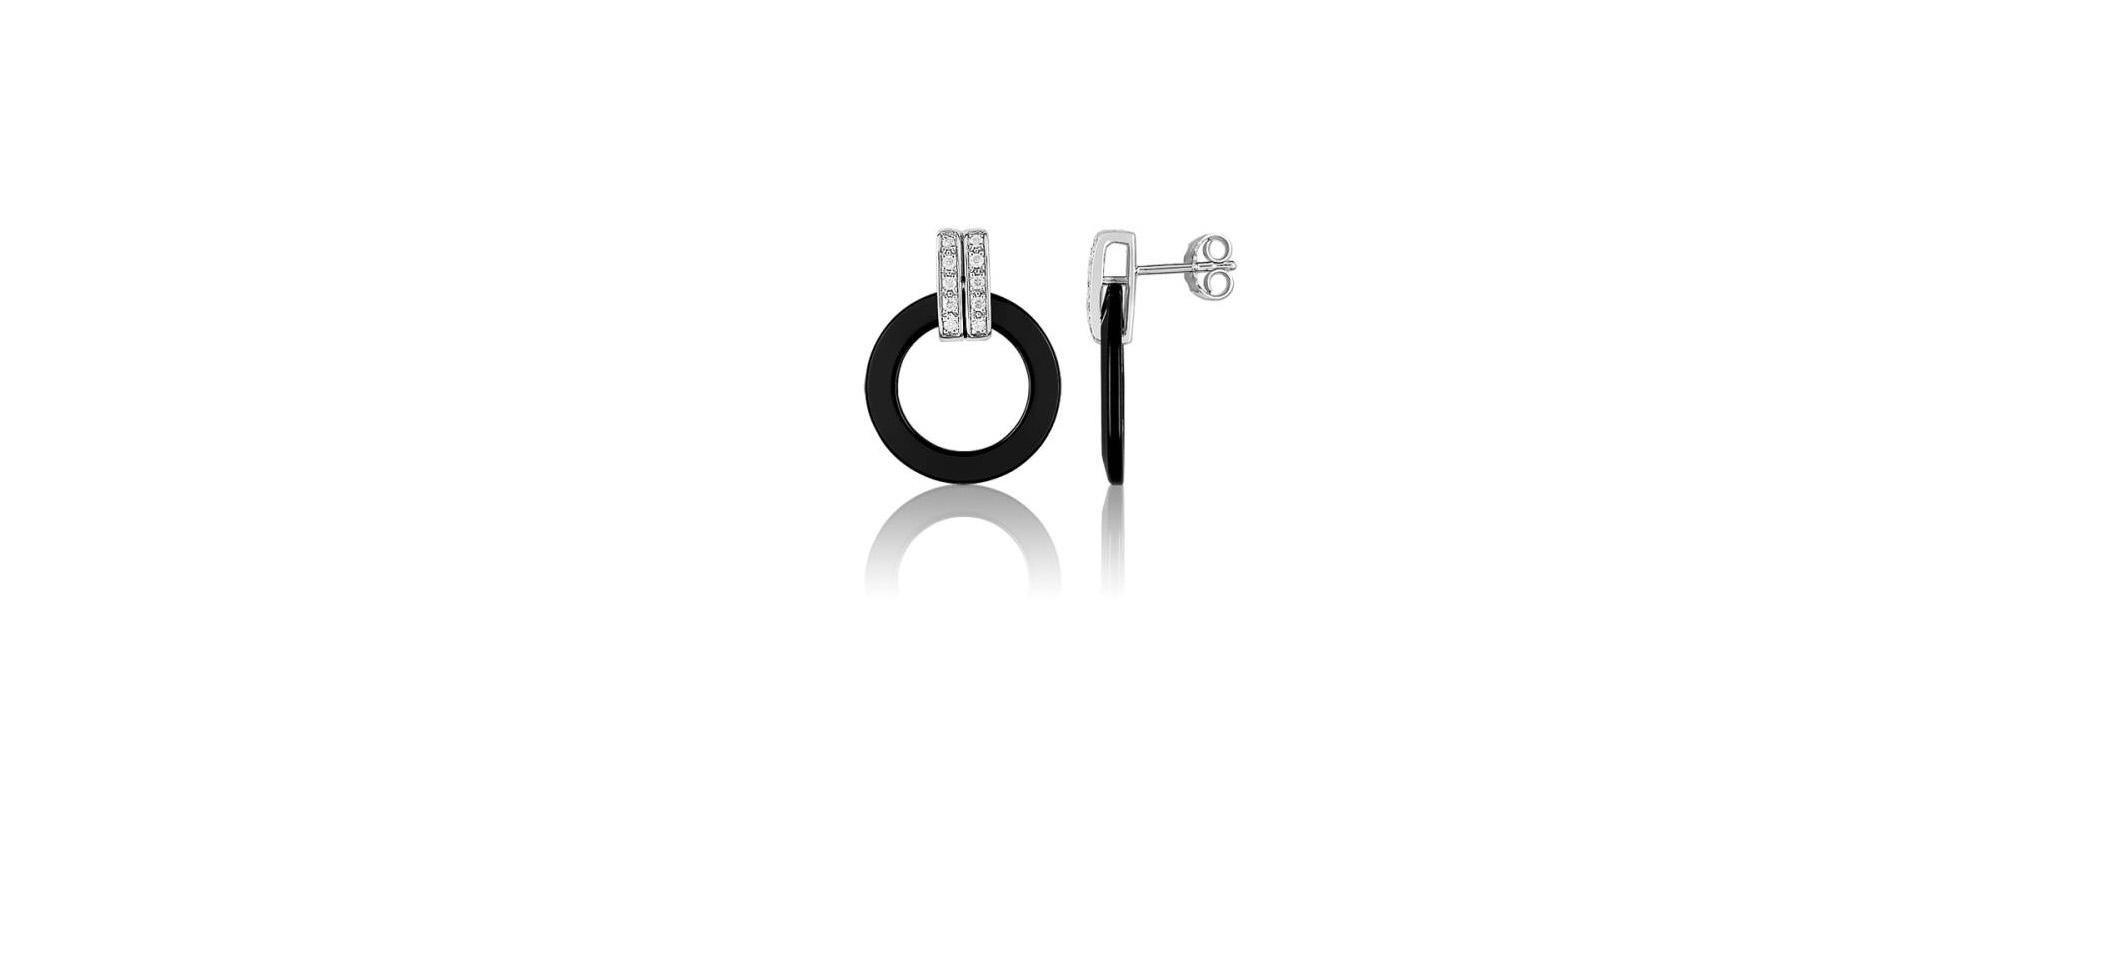 BOUCLE D'OREILLES-enlacement-noir-guy-laroche-ceramique-or-diamants